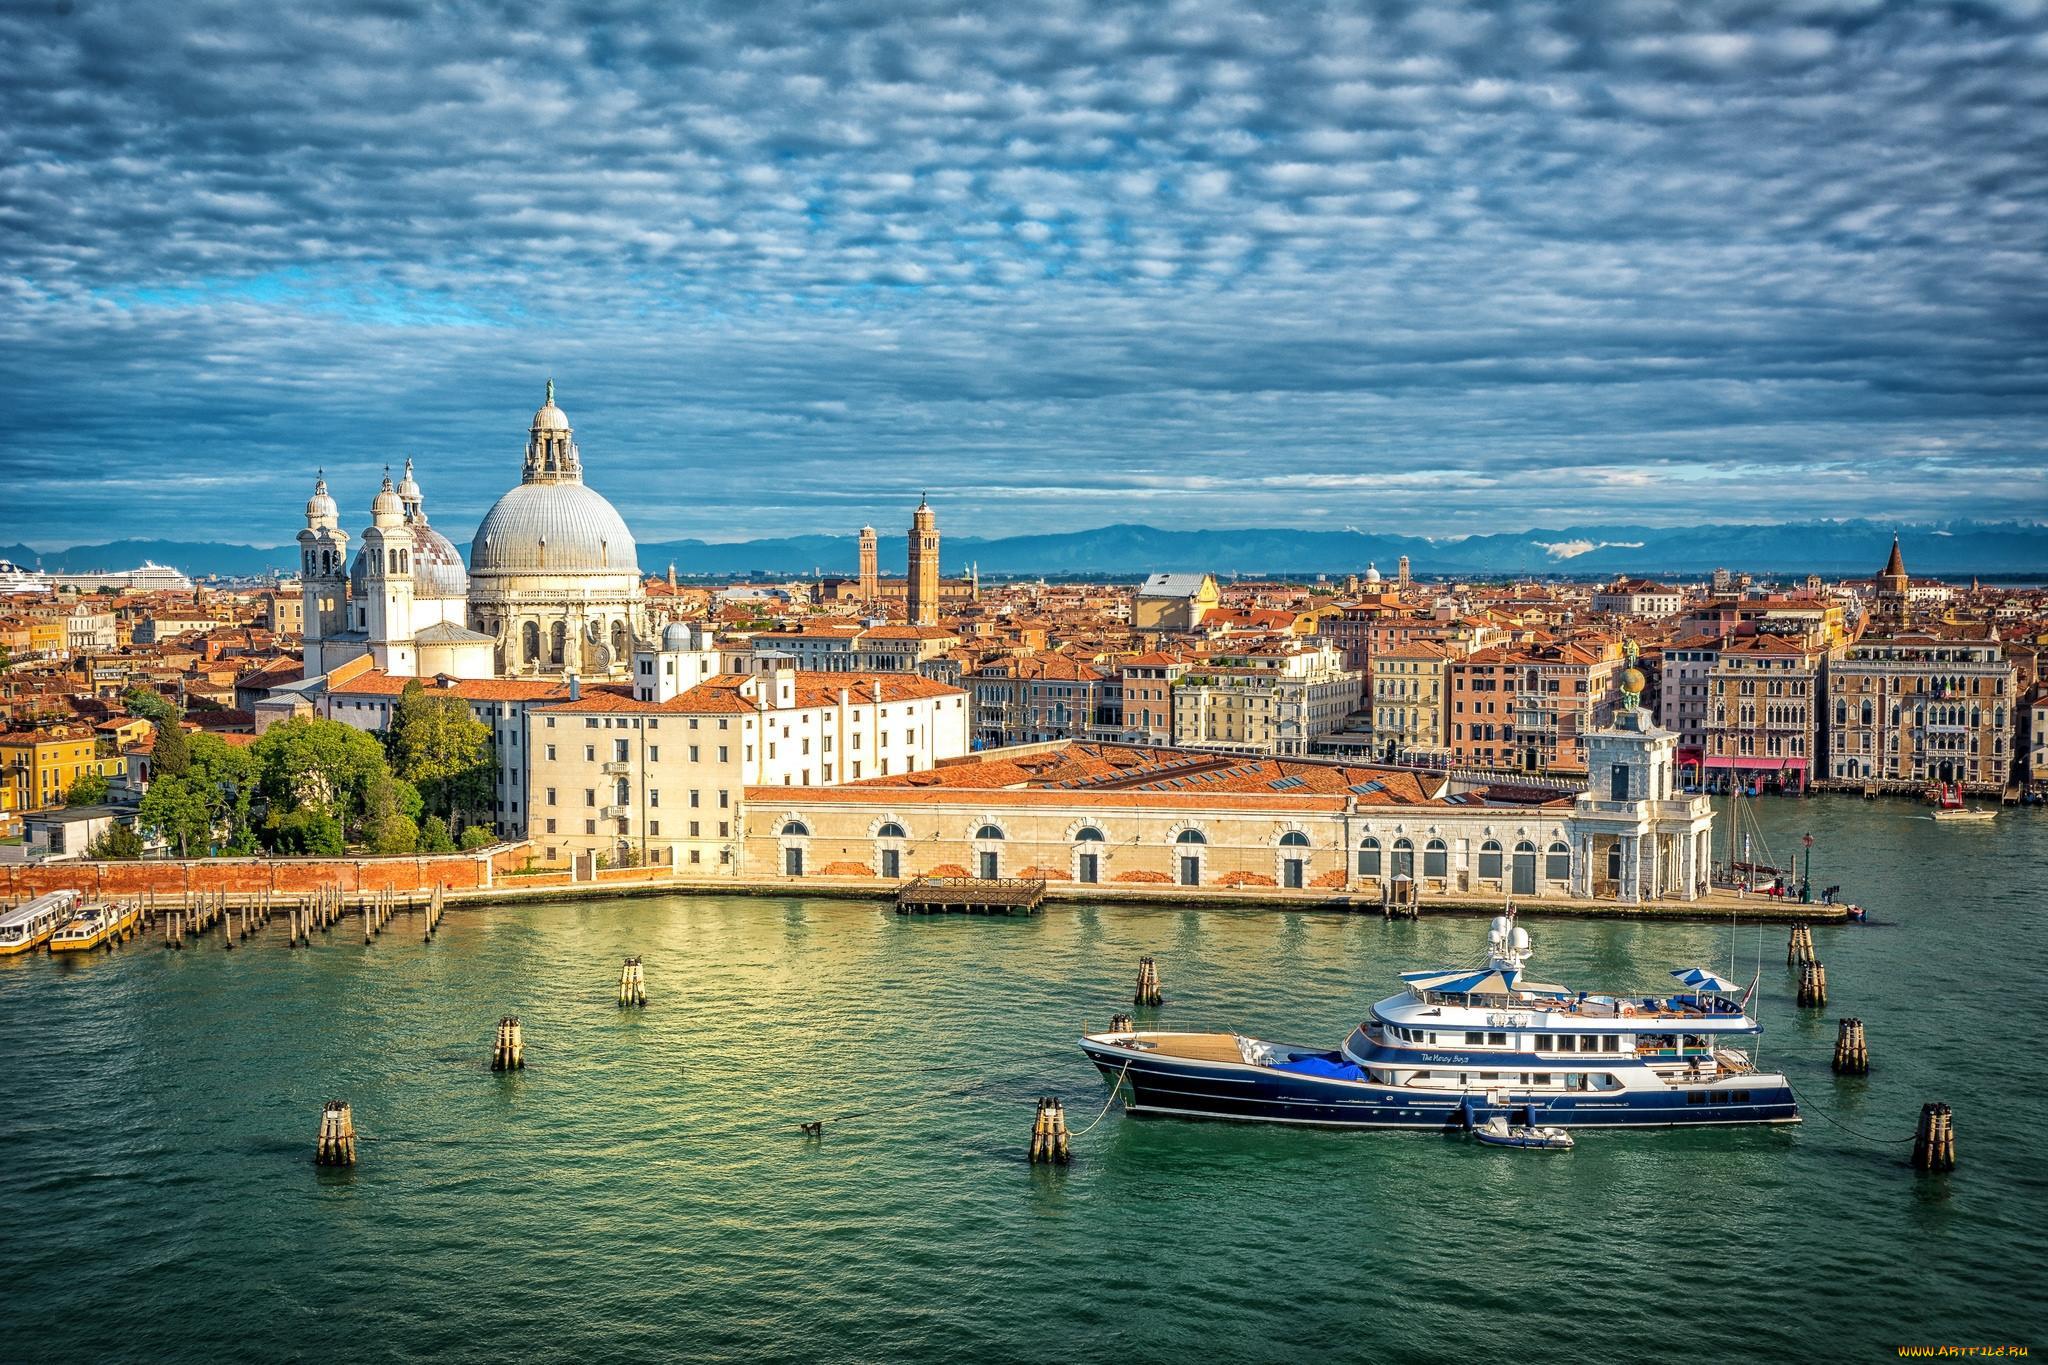 картинки хорошего качества венеция месте цифр появятся